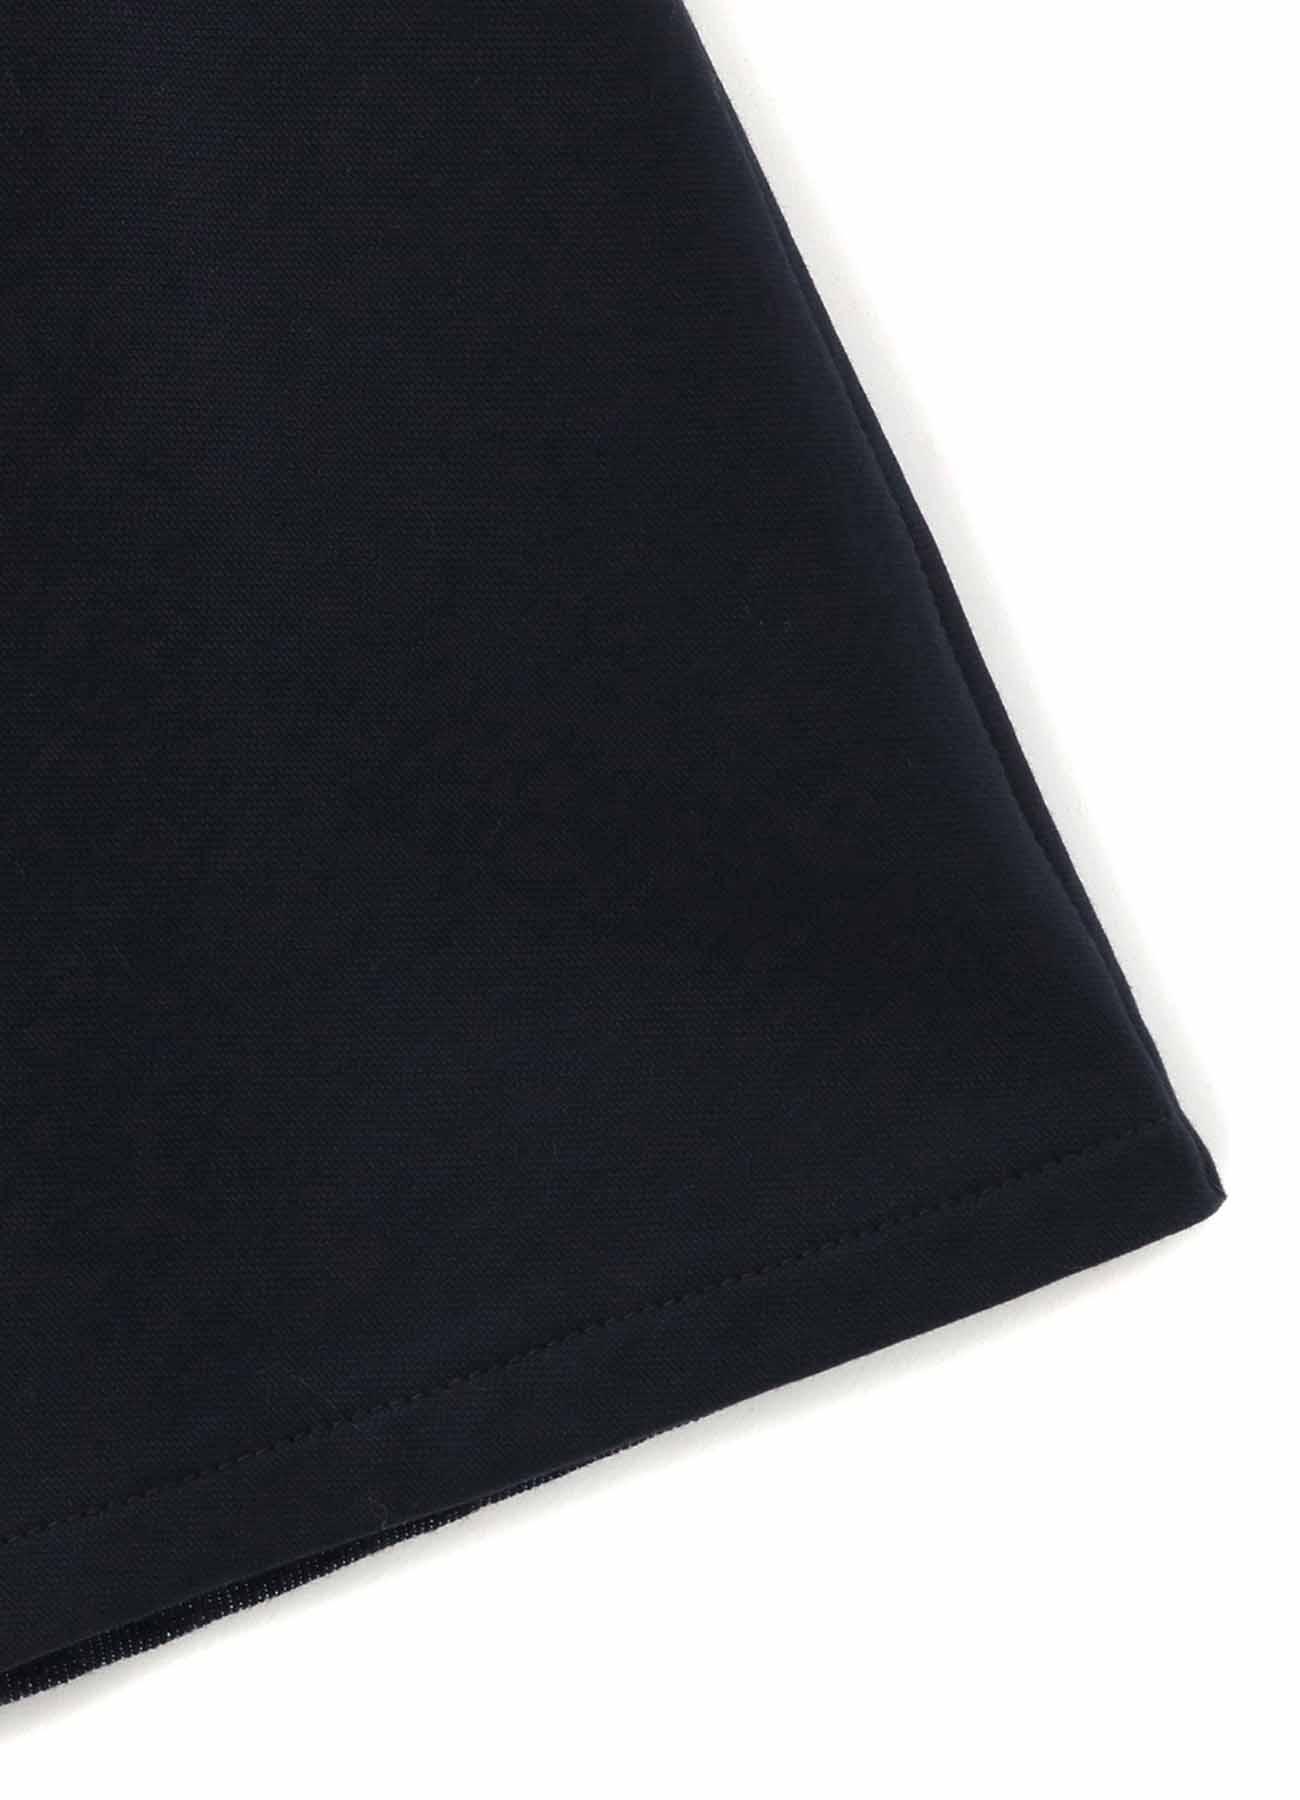 10ozDENIM + COTTON FLEECE SHOULDER LACE DRESS